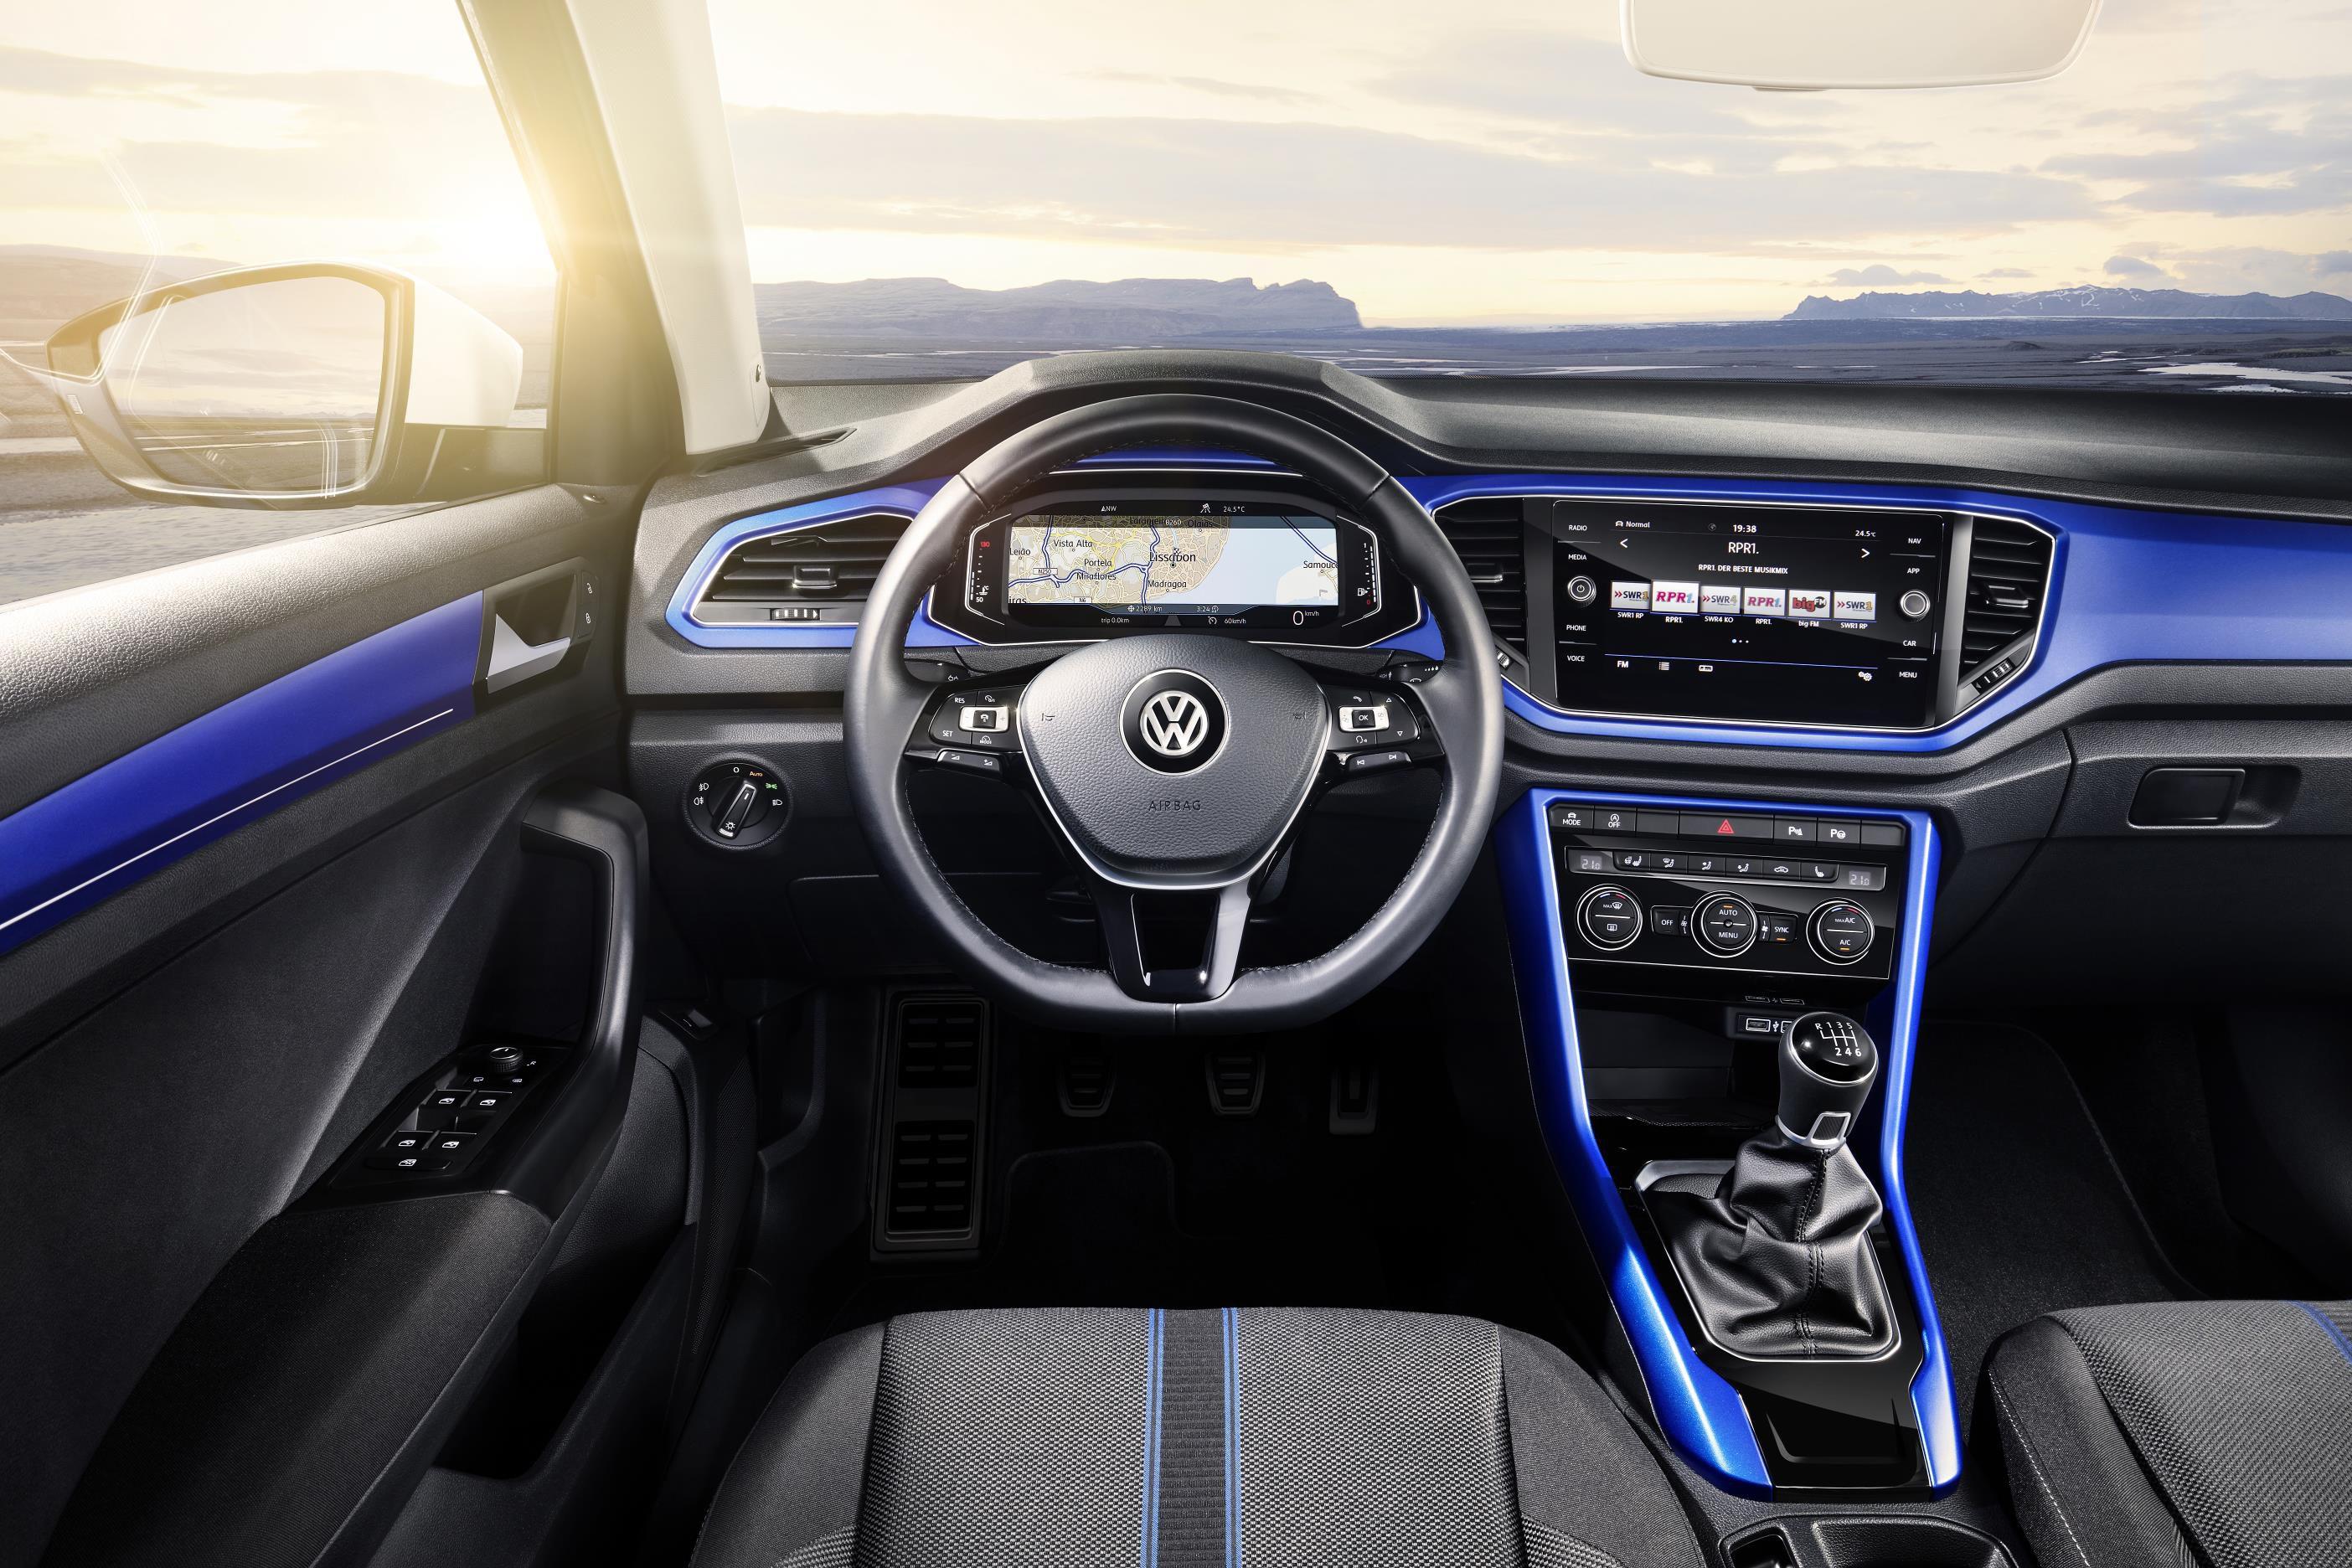 New Volkswagen T-Roc Interior with eye-catching blue dash